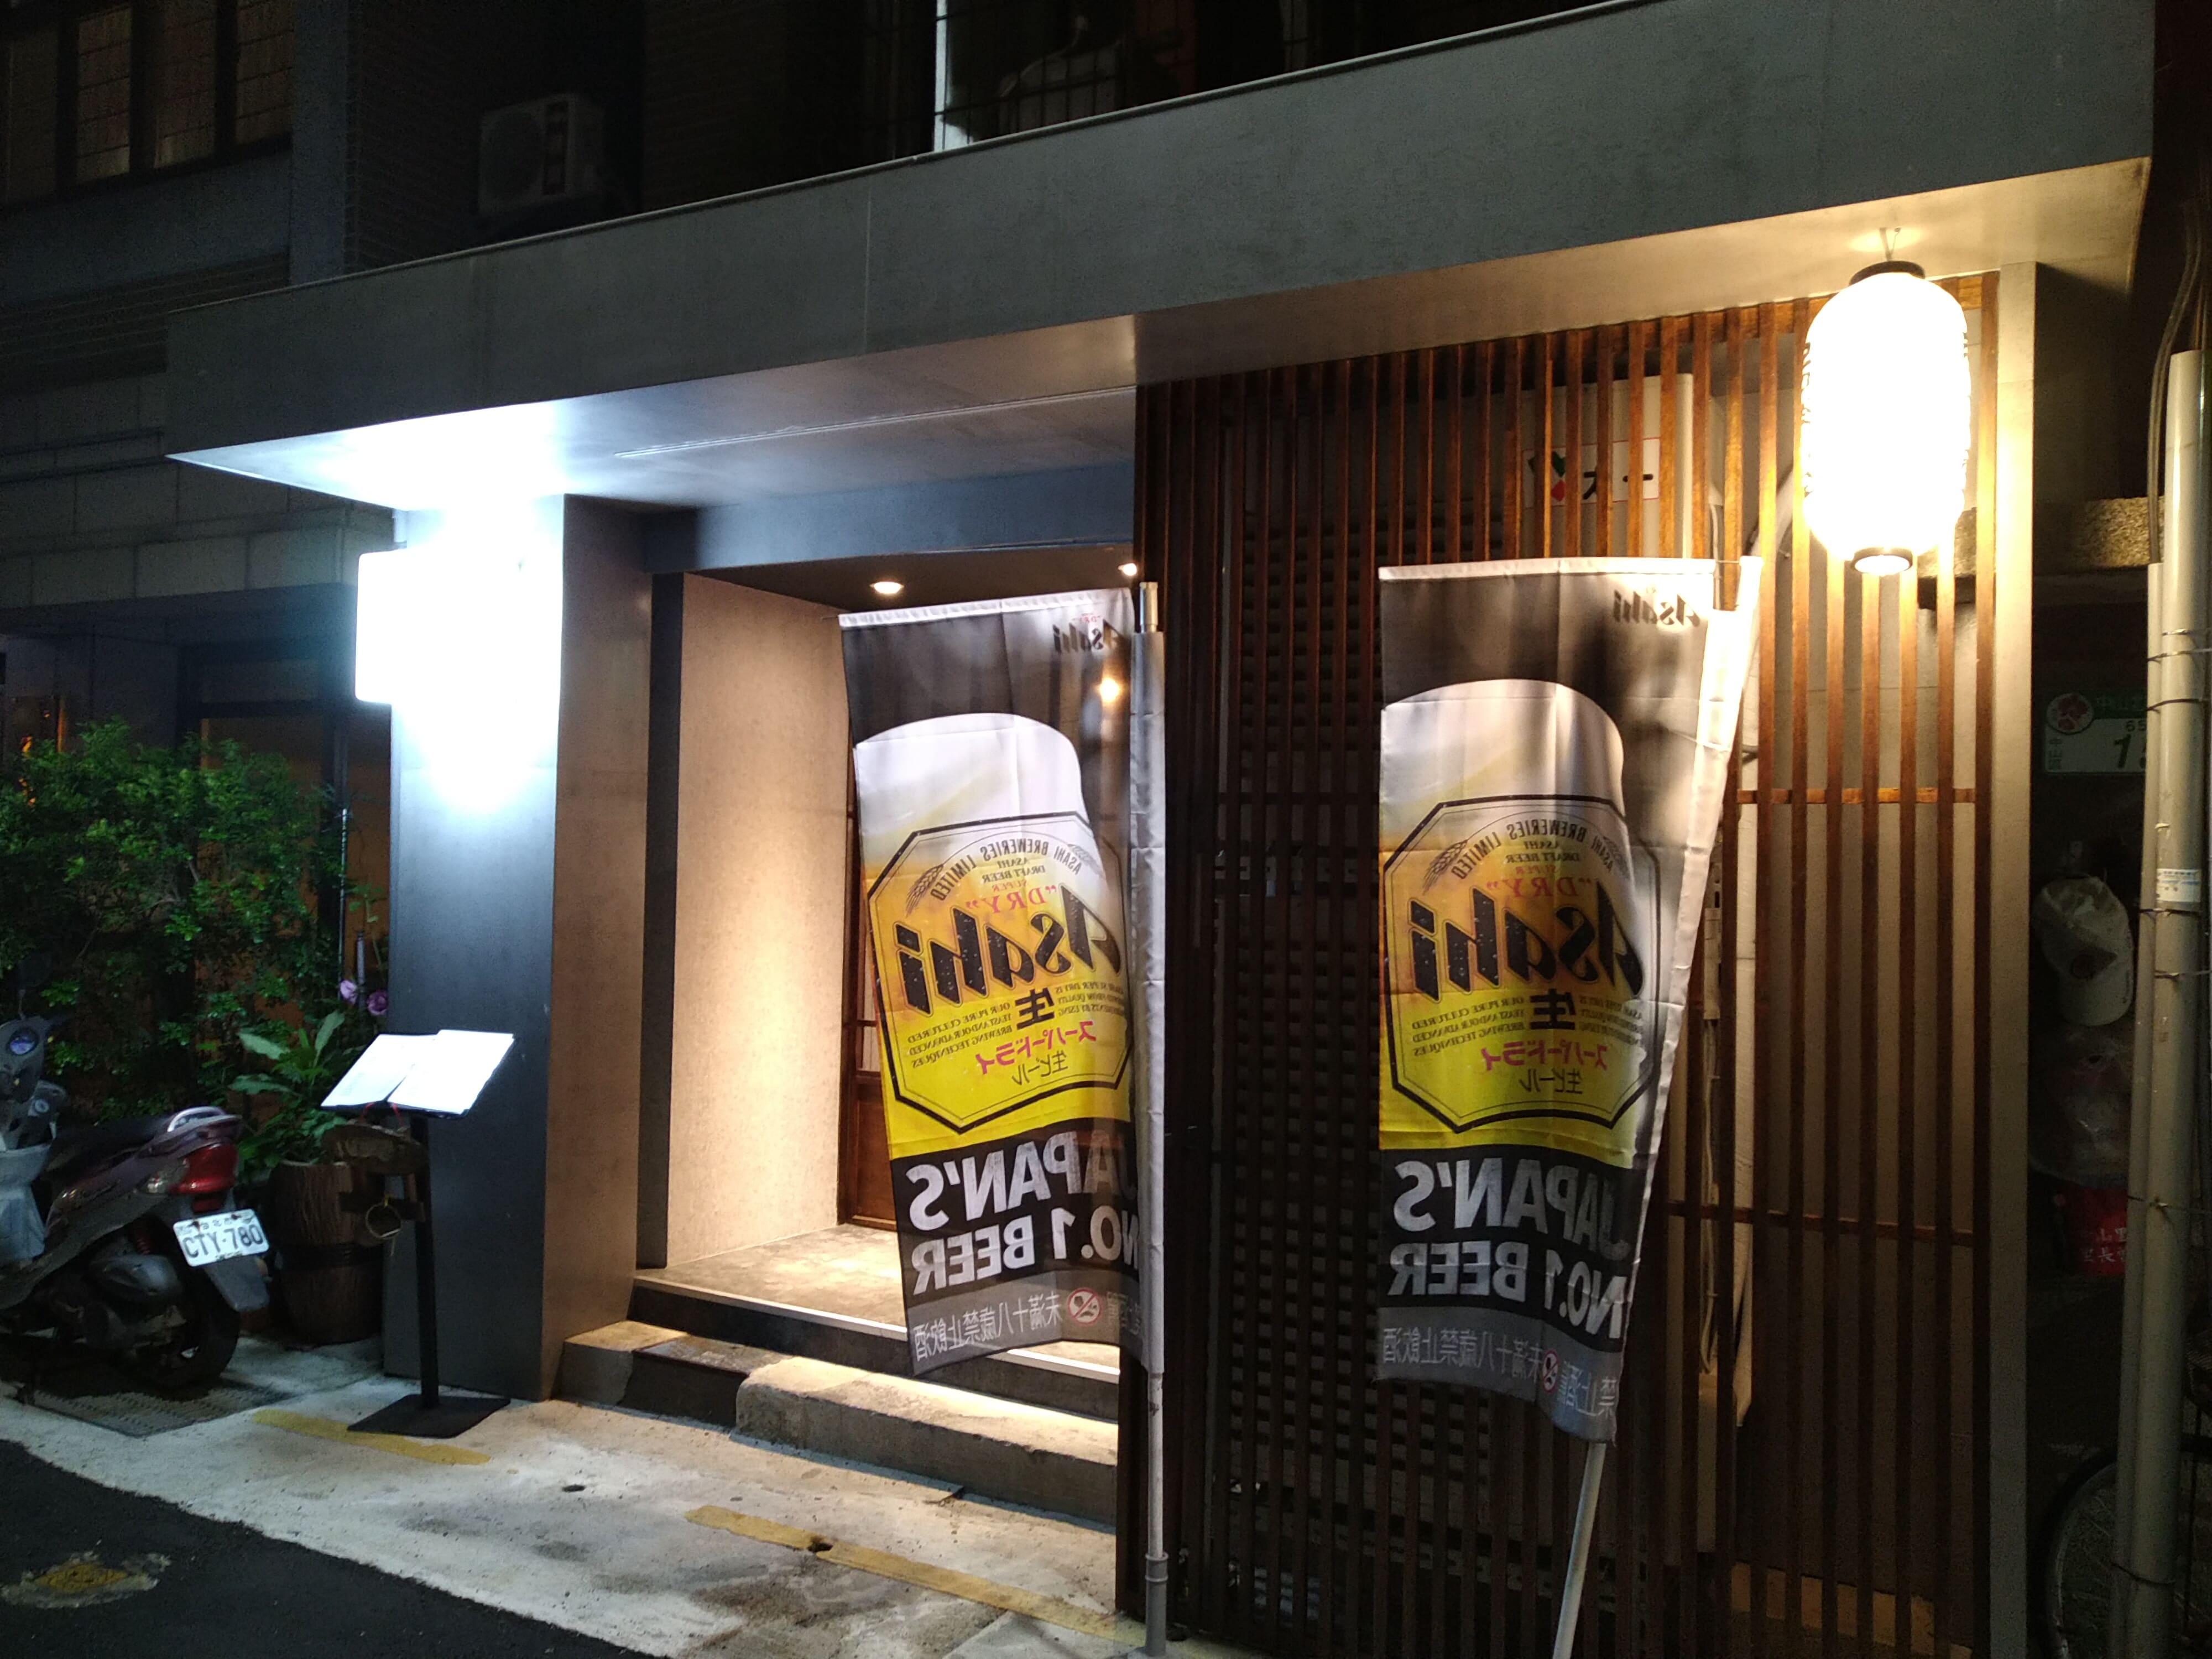 の 居酒屋 近く